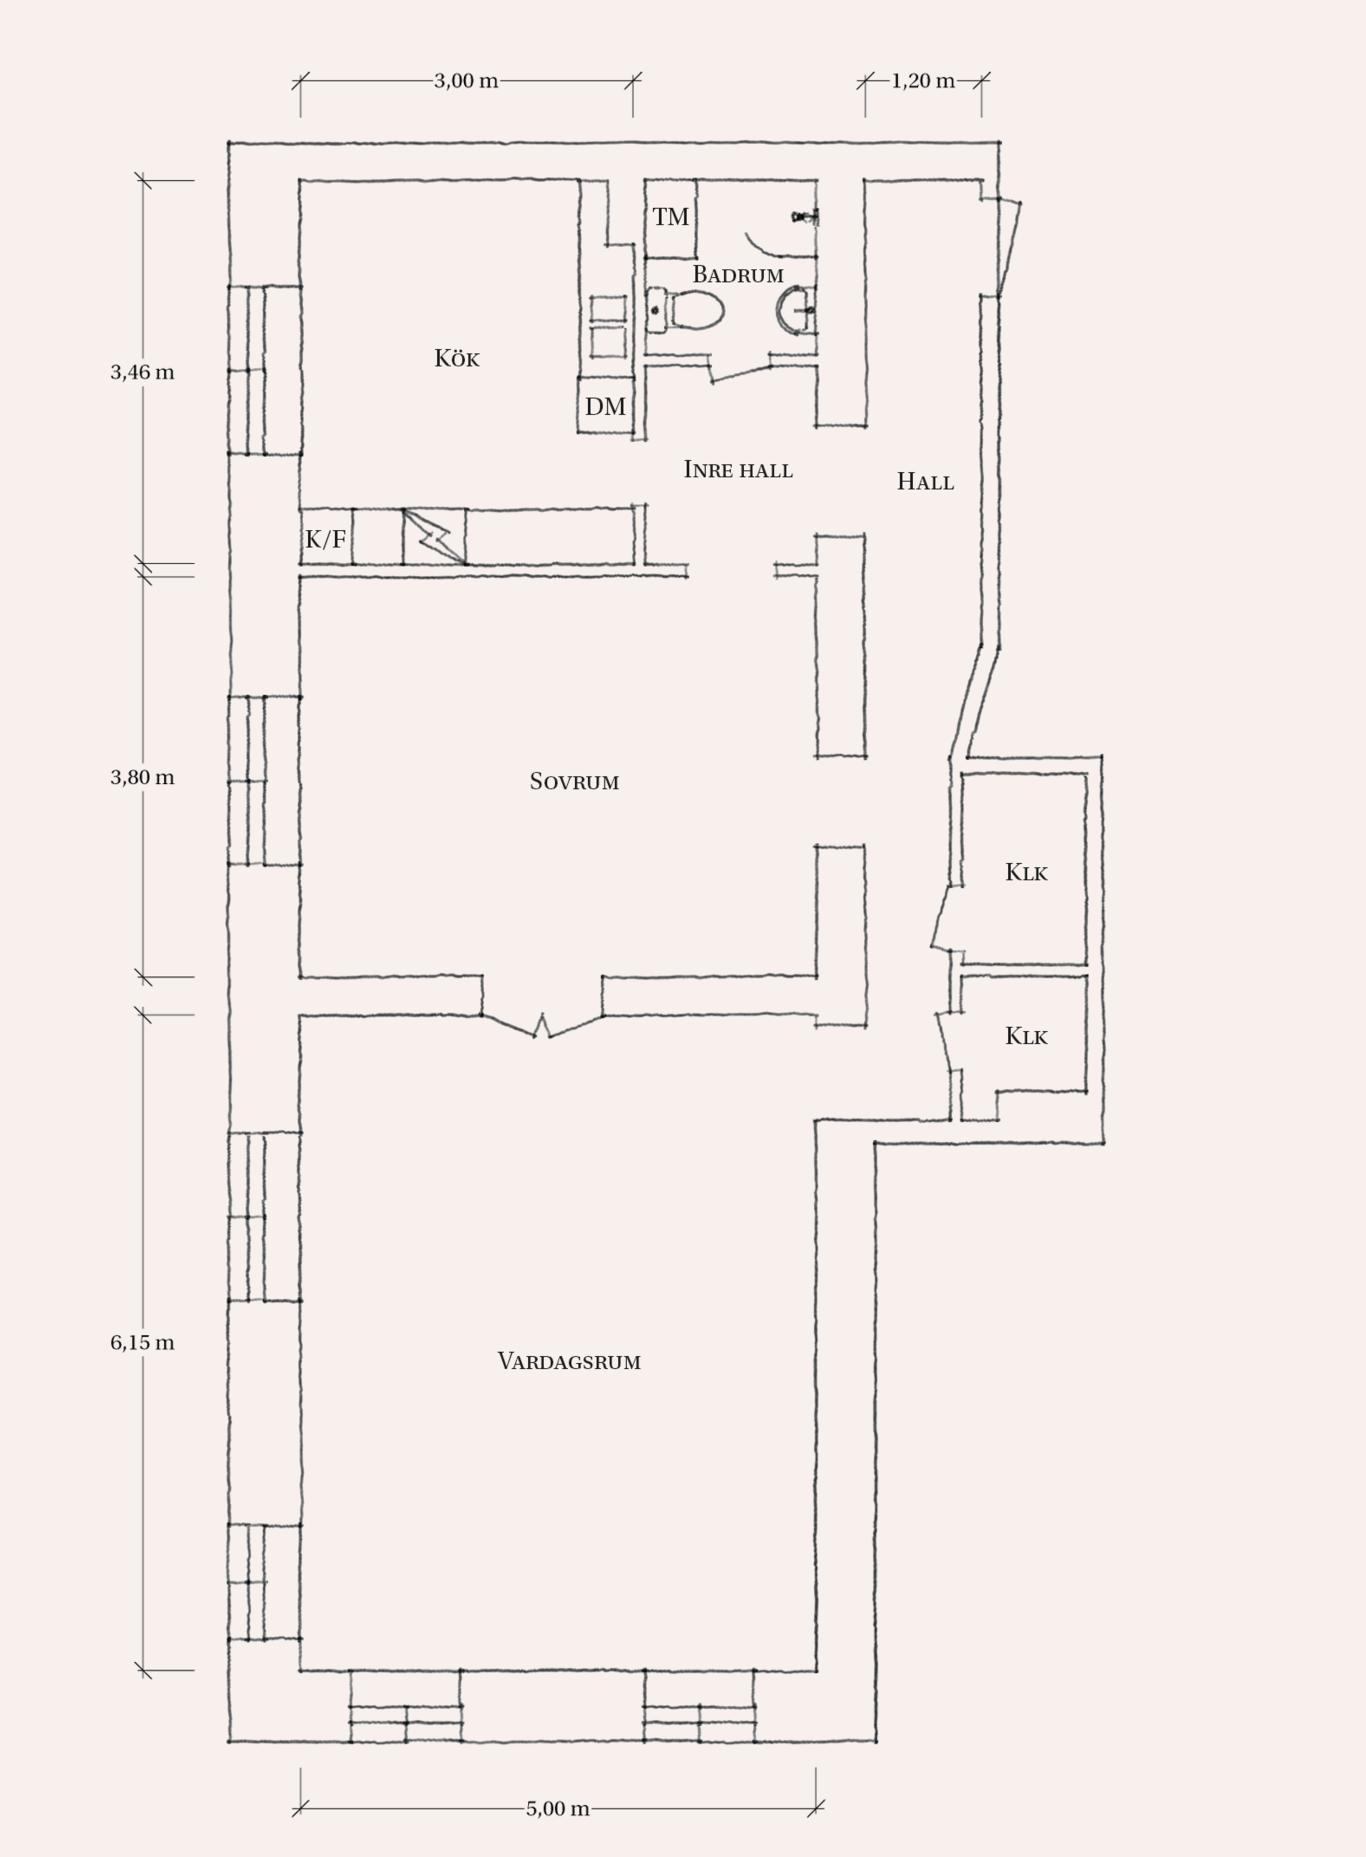 32769 81 sqm floor plan